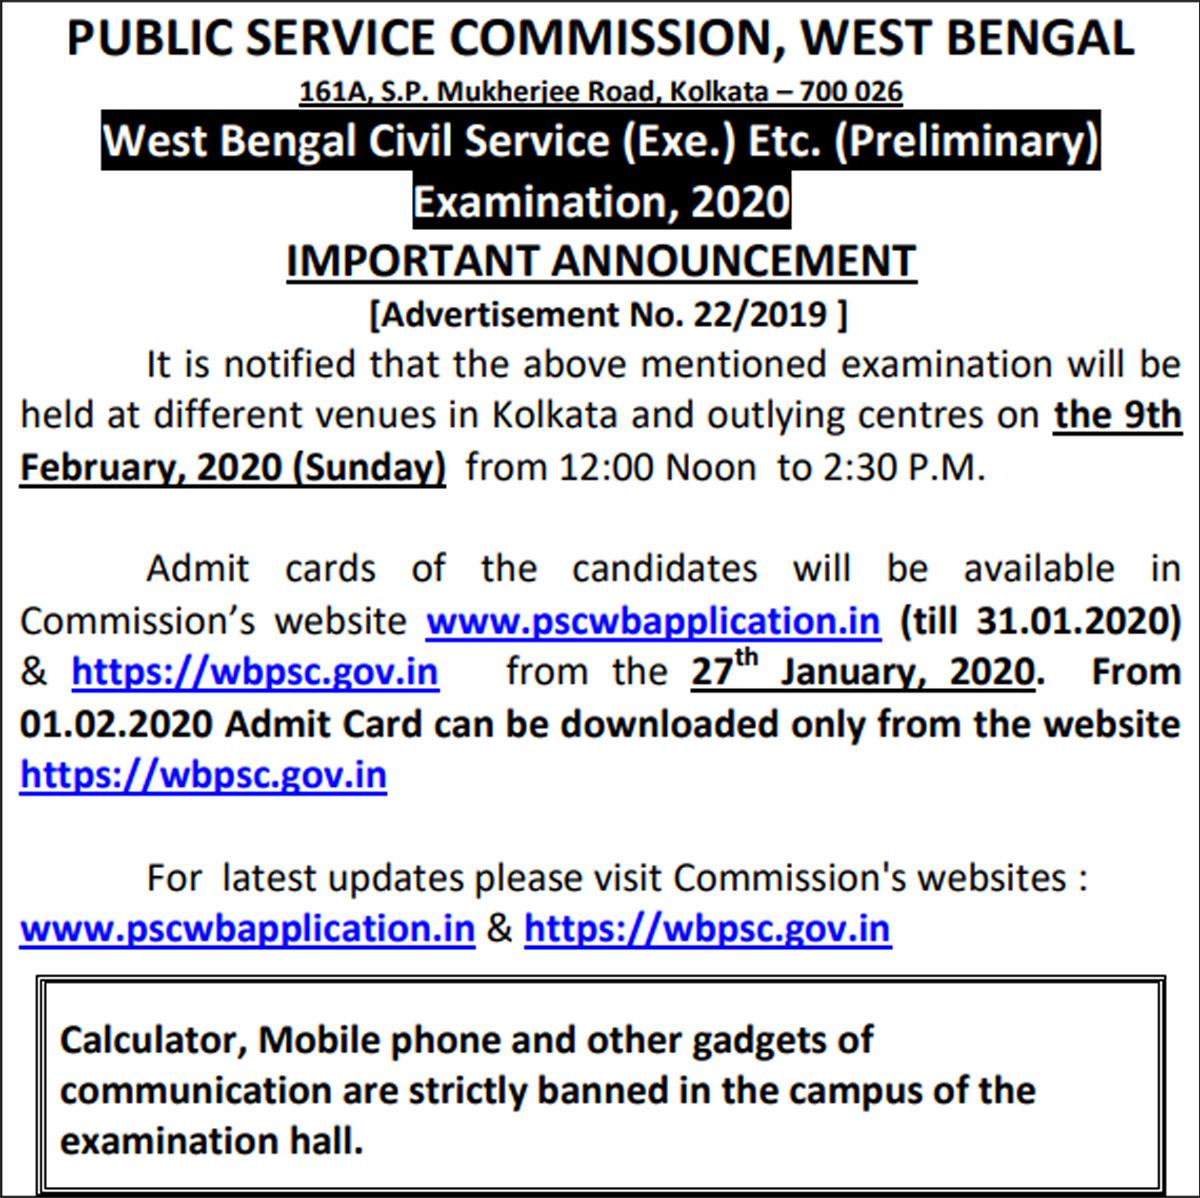 WBPSC Civil Service pre exam on Feb 9